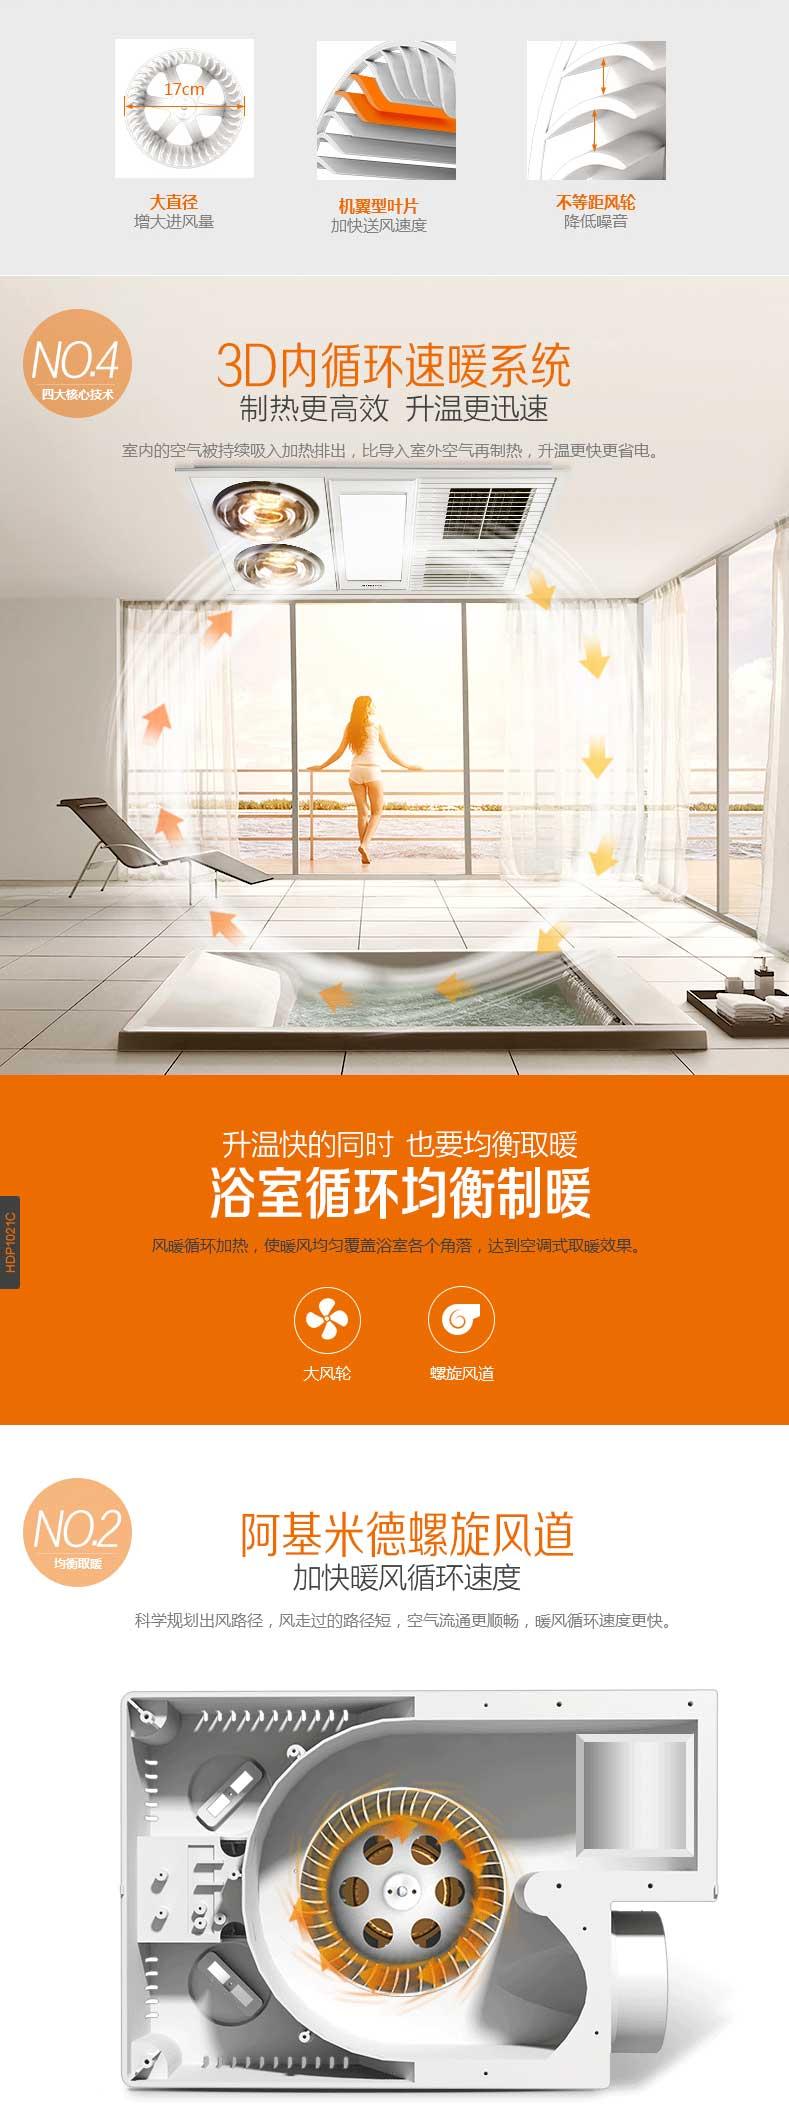 奧普浴霸-嵌入式多功能風暖集成吊頂1021C_03.jpg